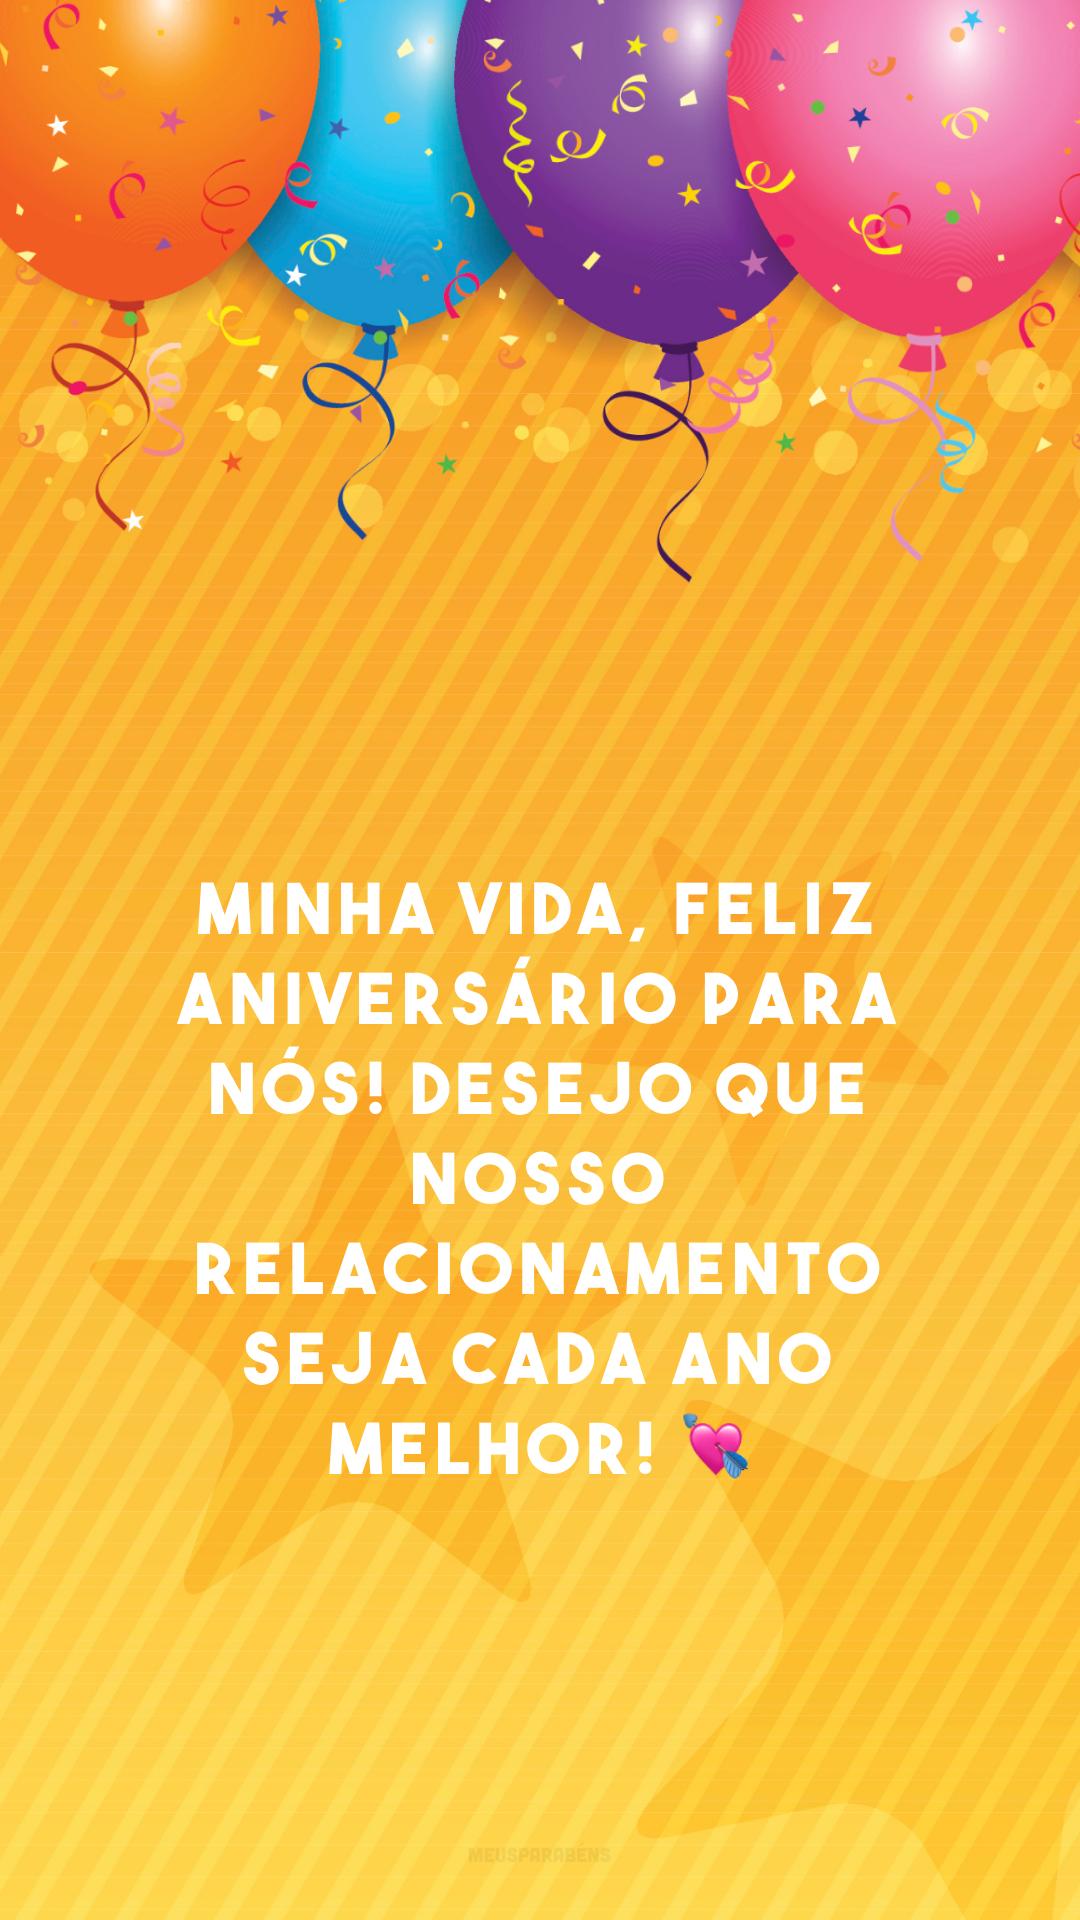 Minha vida, feliz aniversário para nós! Desejo que nosso relacionamento seja cada ano melhor! 💘